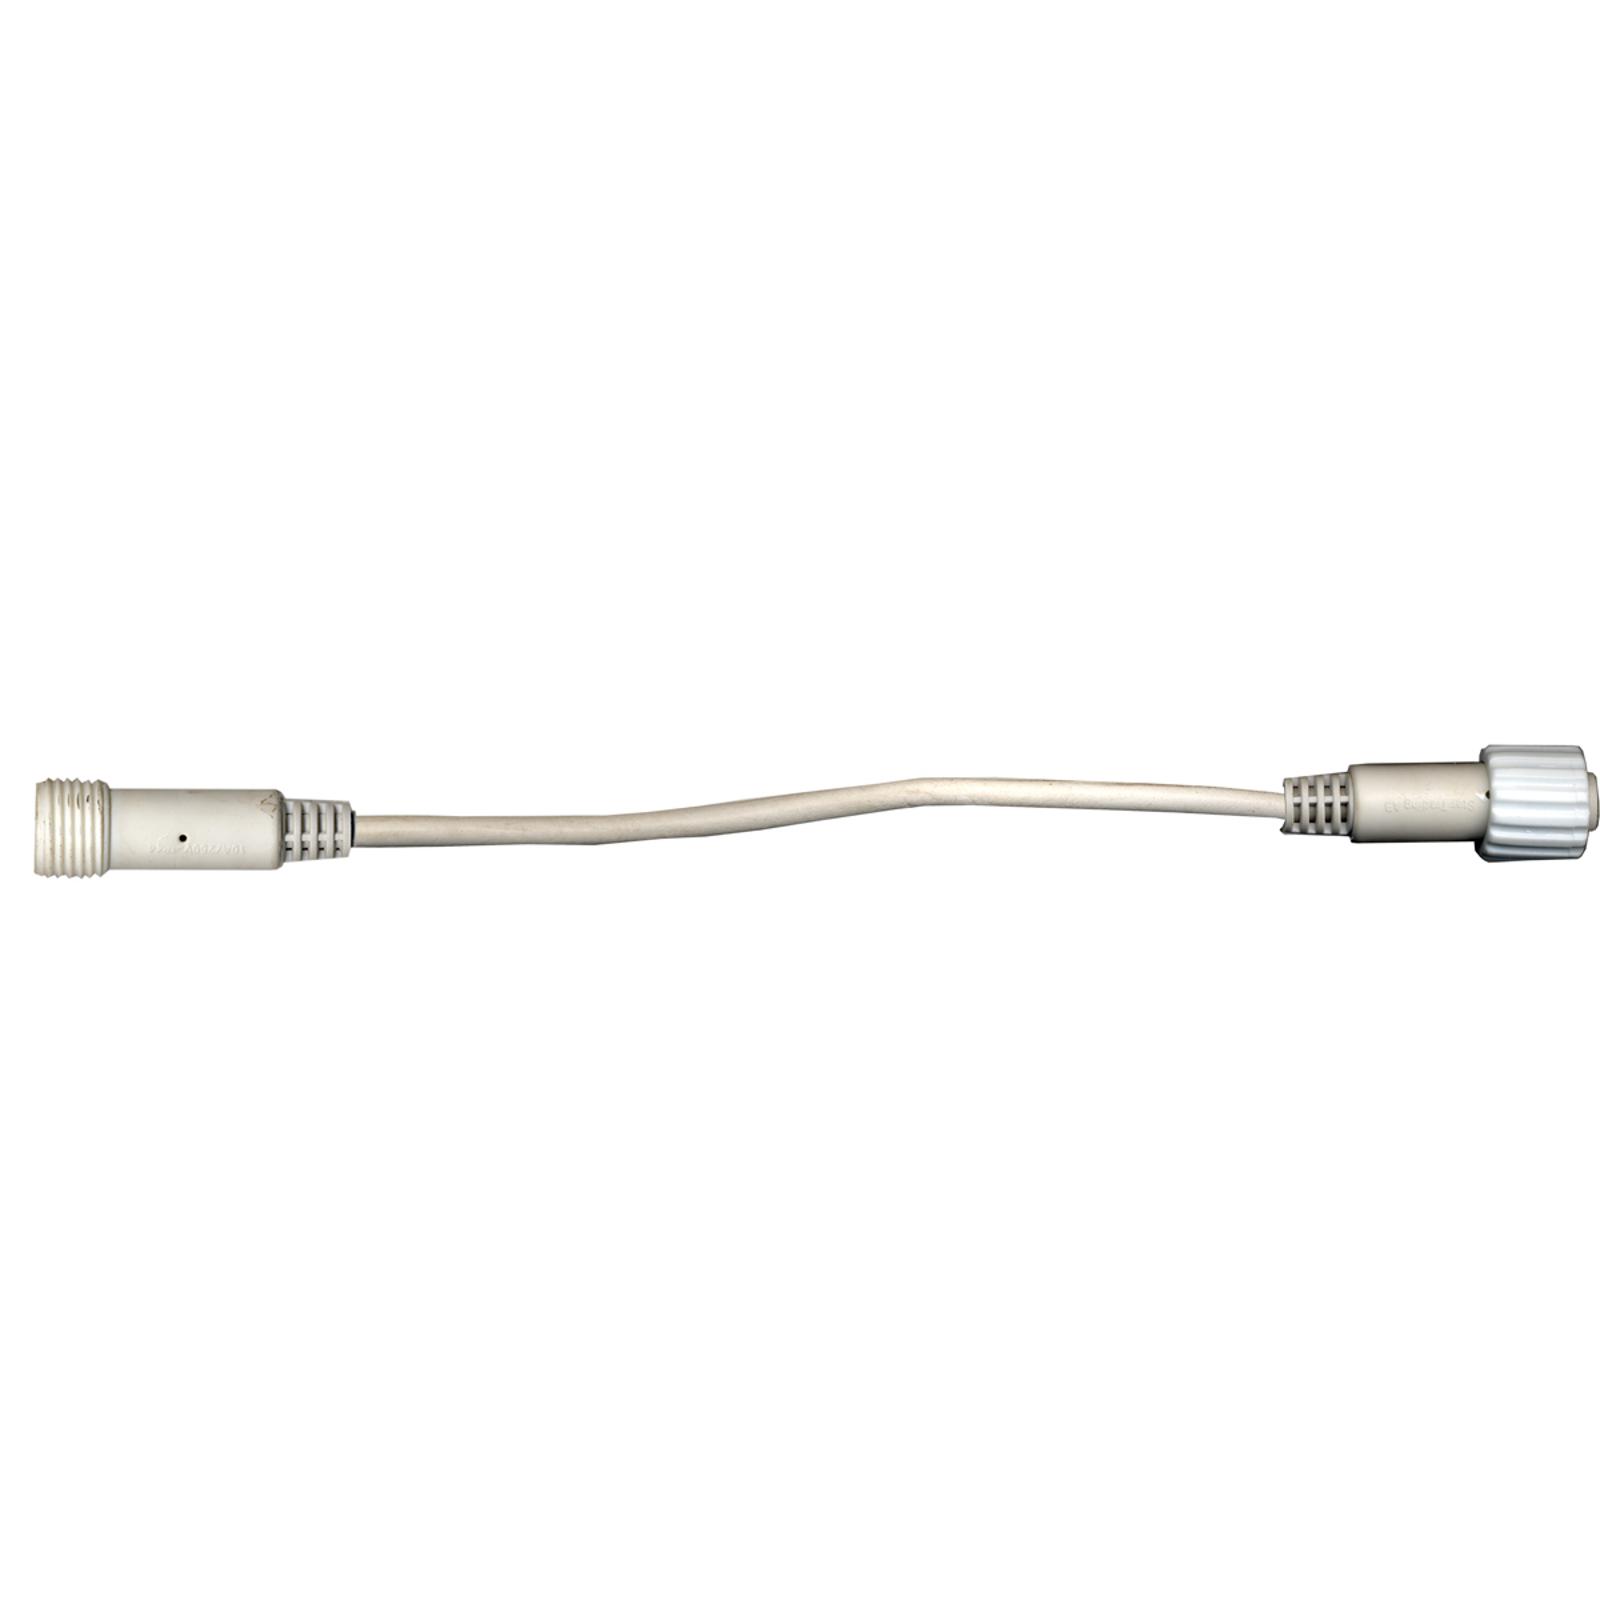 Verbindungsleitung für LED-Stern 1522448 5 Meter